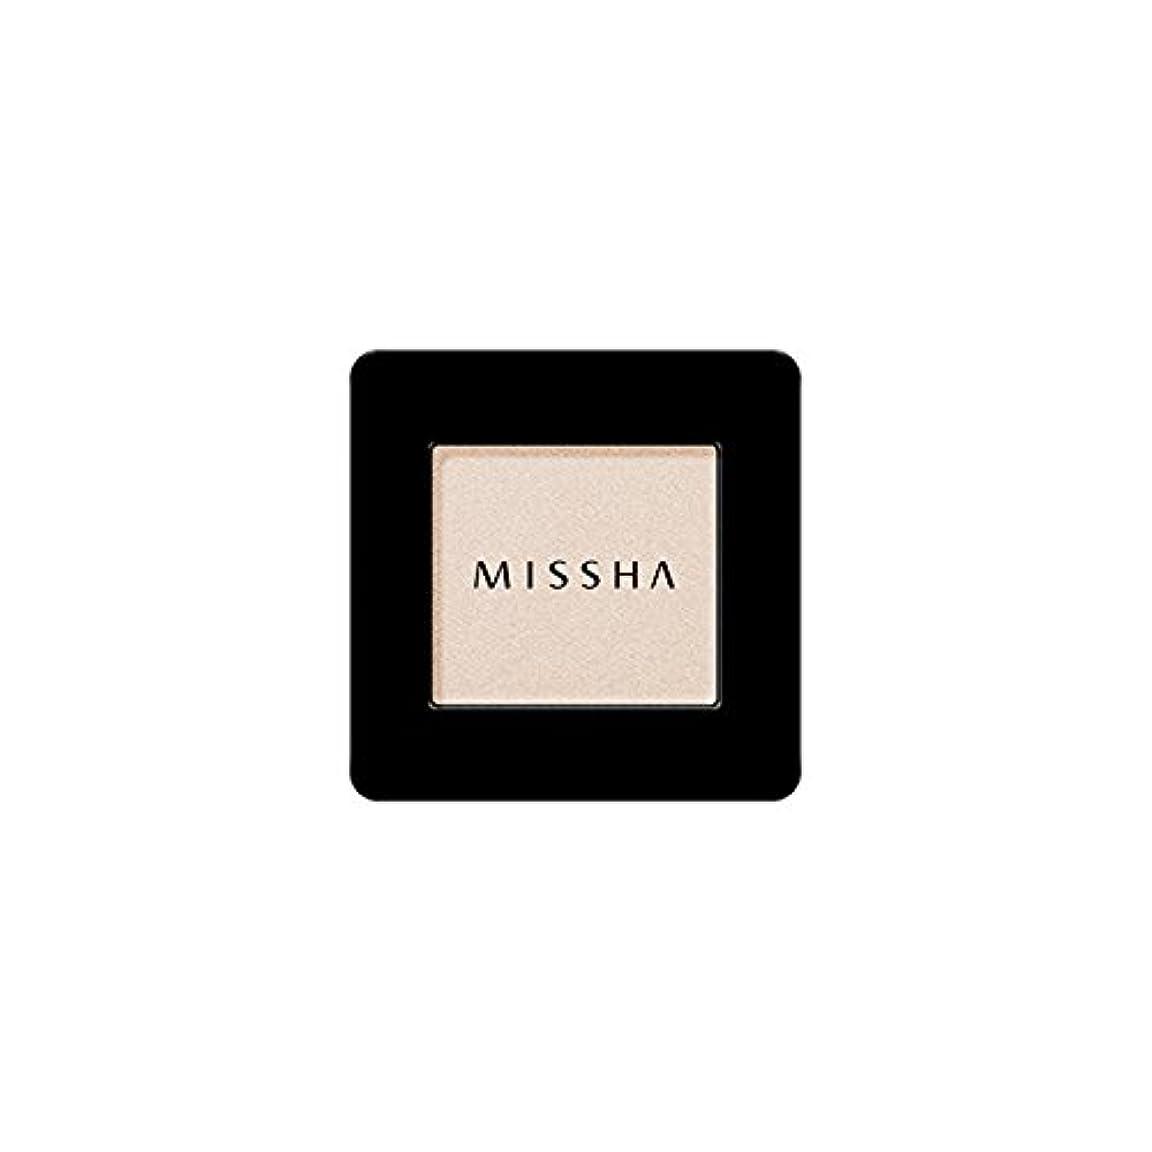 聖書キャベツネイティブMISSHA Modern Shadow [SHIMMER] 1.8g (#SBE01 Santa Barbara)/ミシャ モダン シャドウ [シマー] 1.8g (#SBE01 Santa Barbara)